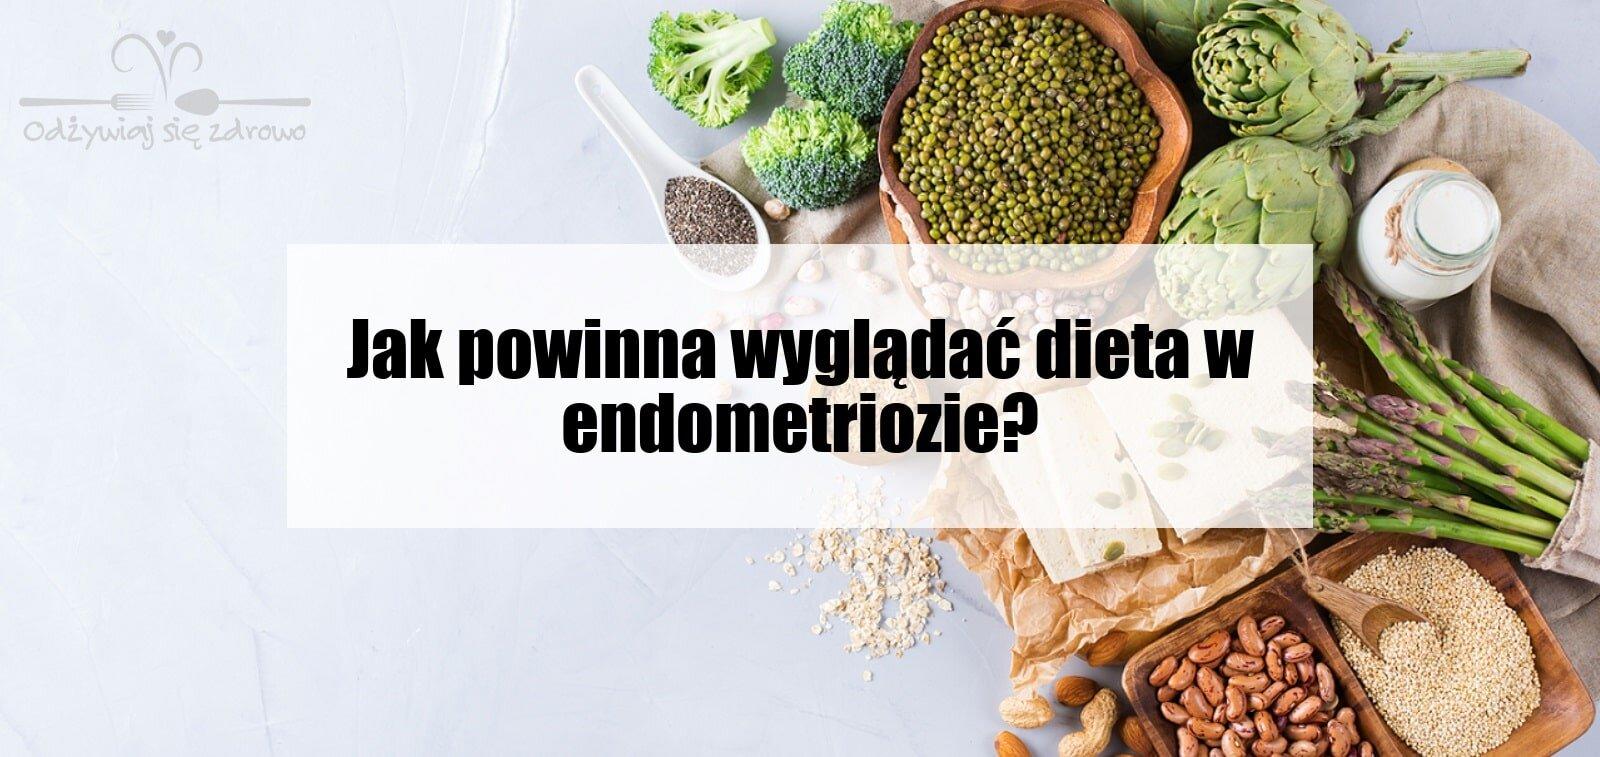 Jak powinna wyglądać dieta w endometriozie?